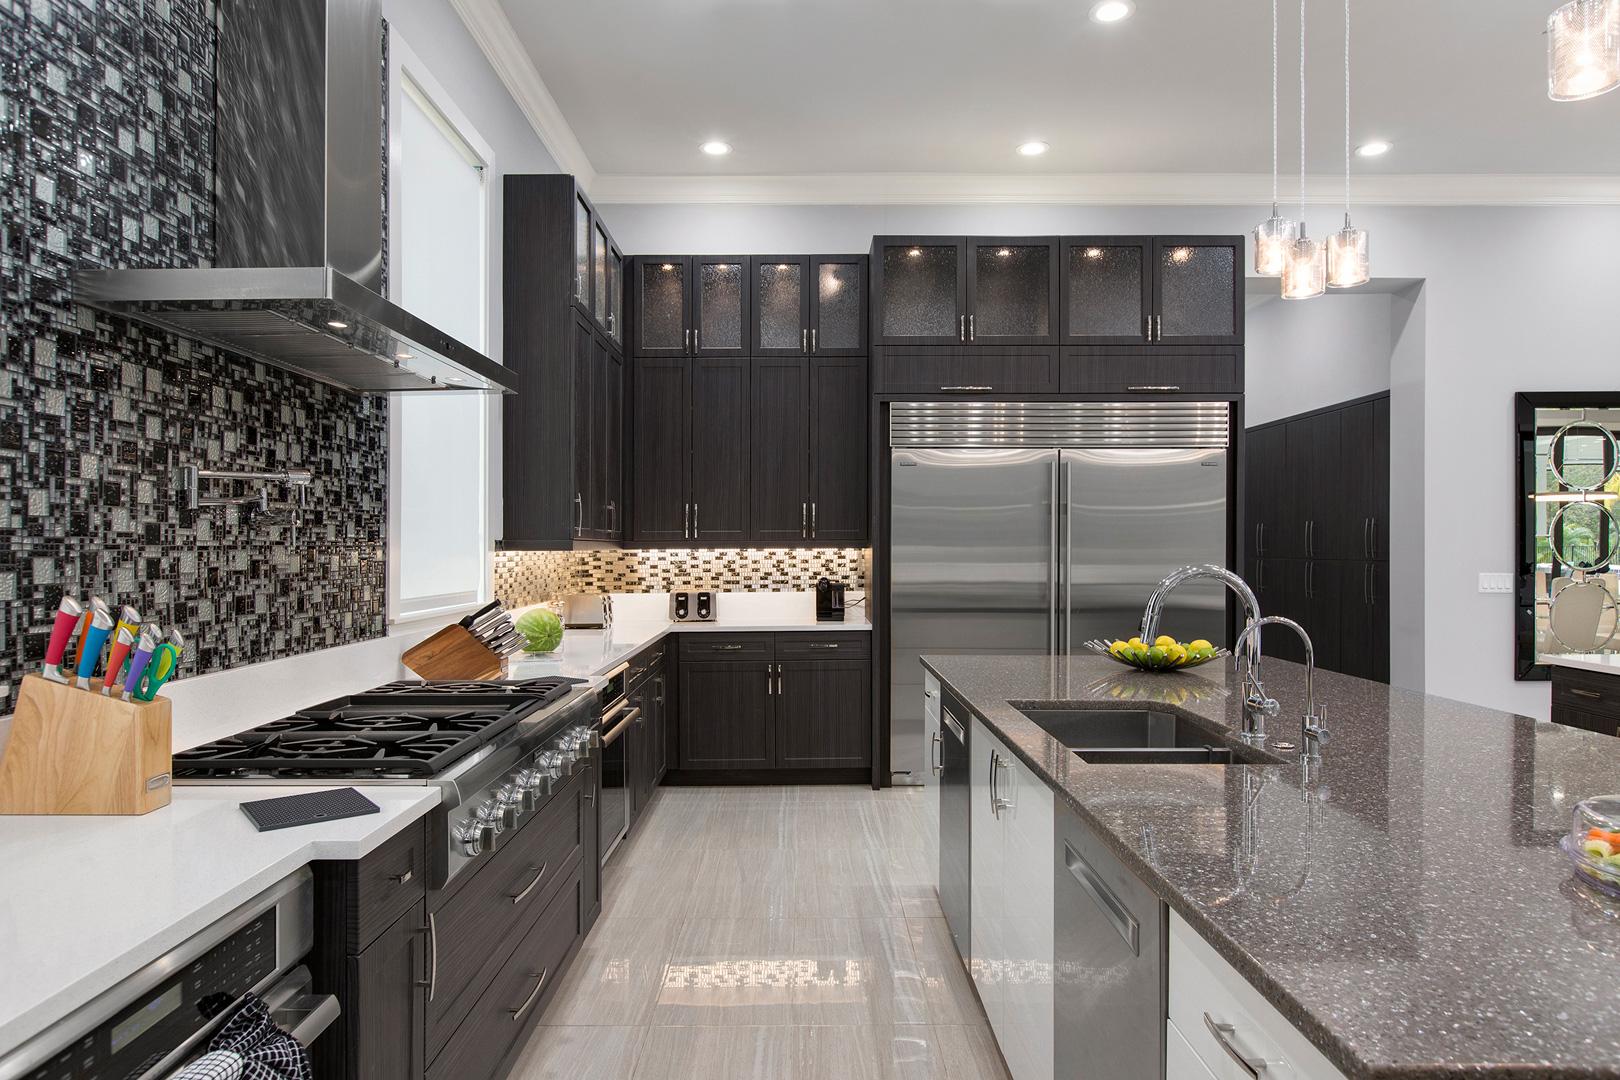 Kitchens31